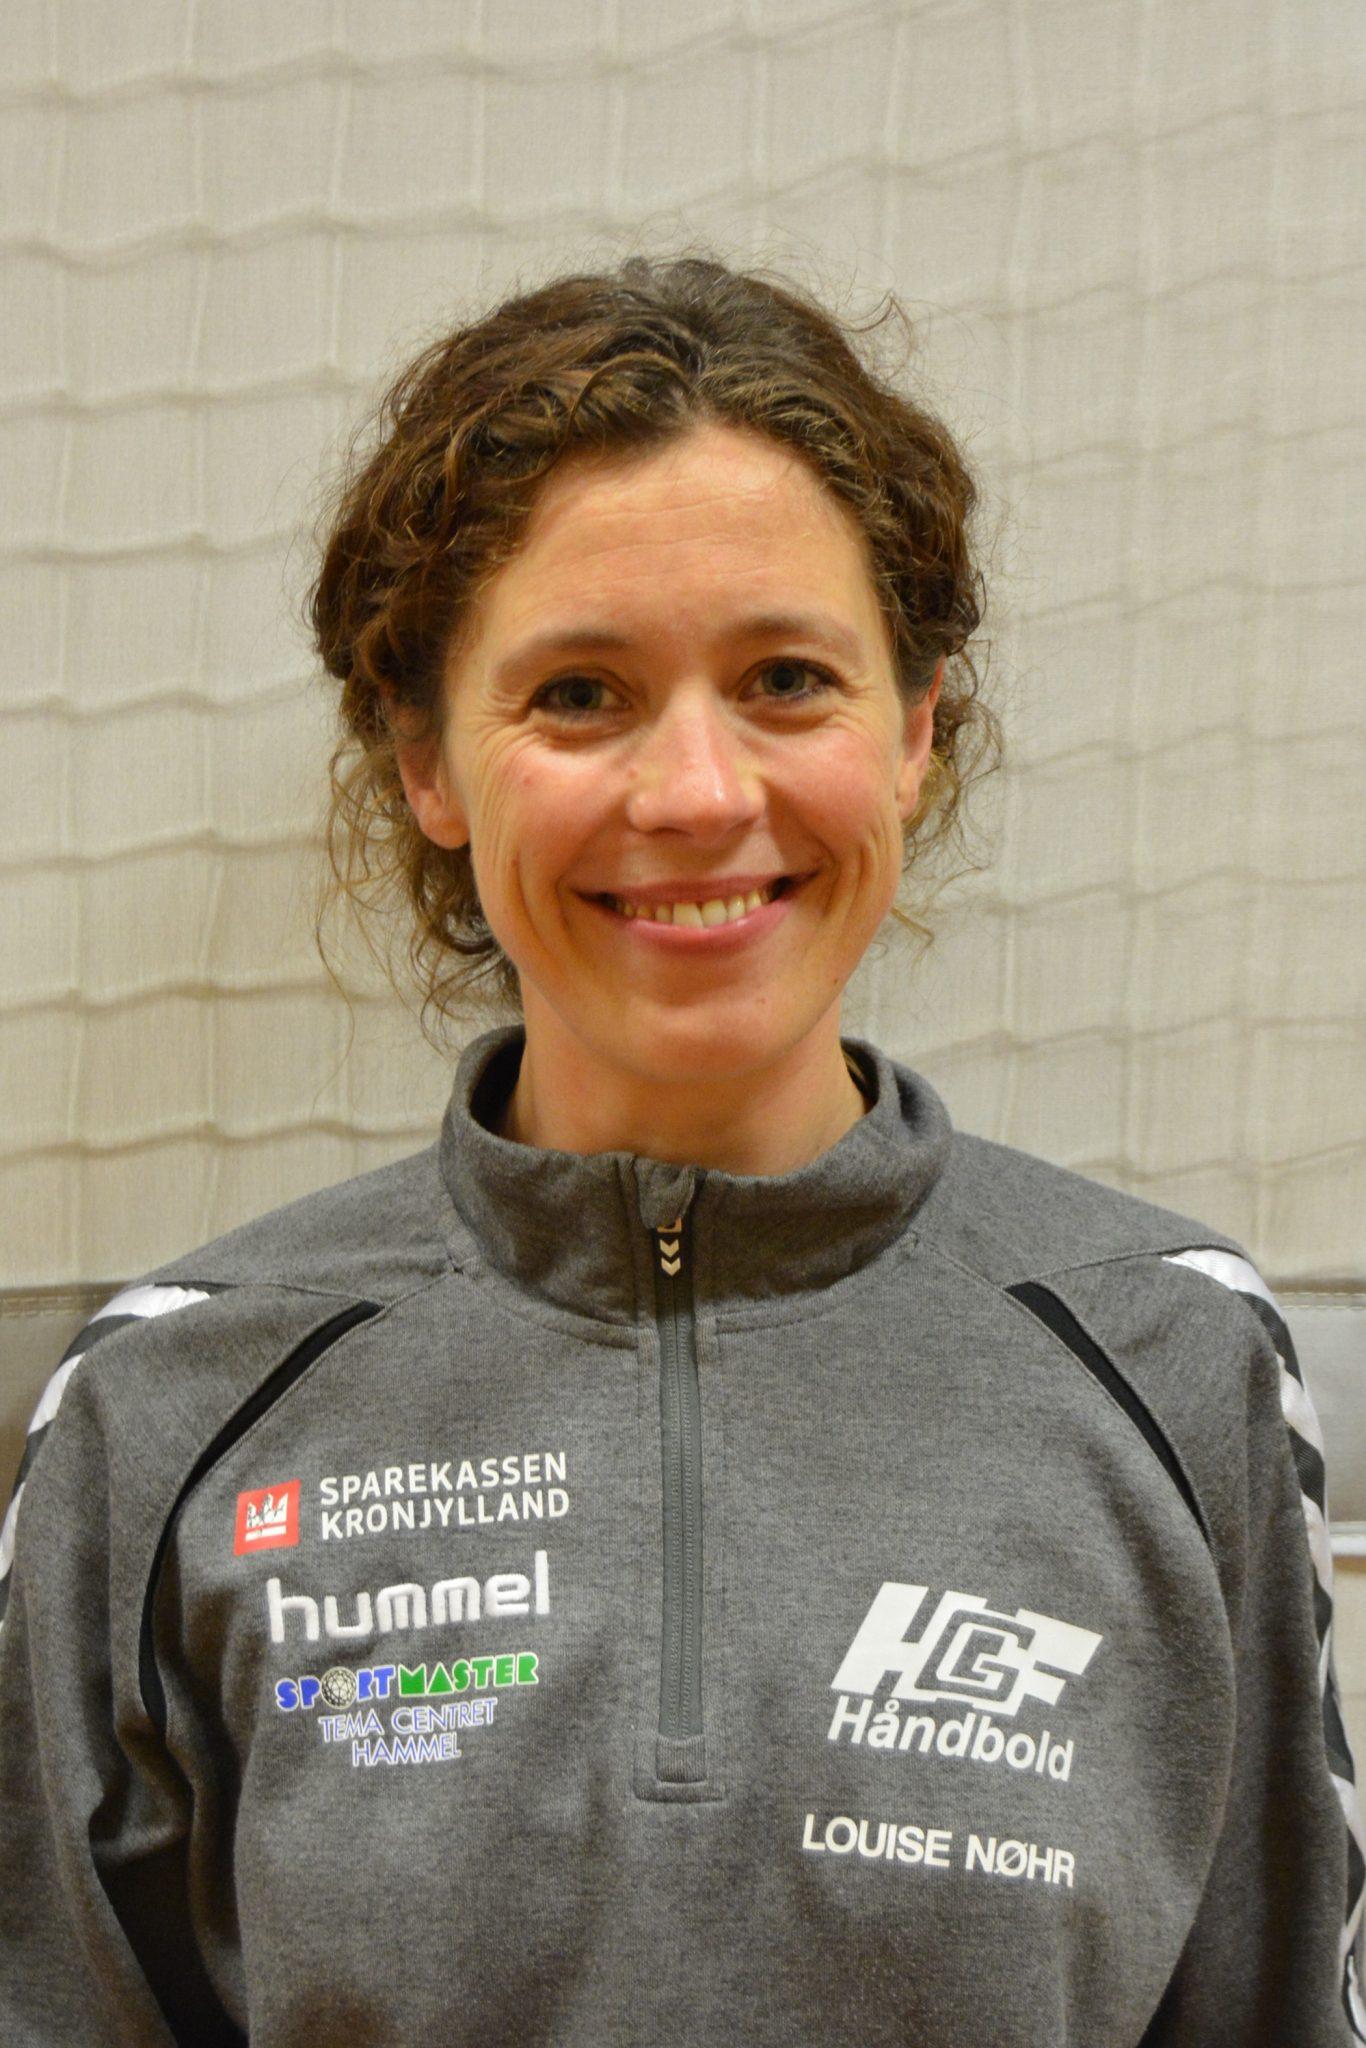 Louise Nøhr